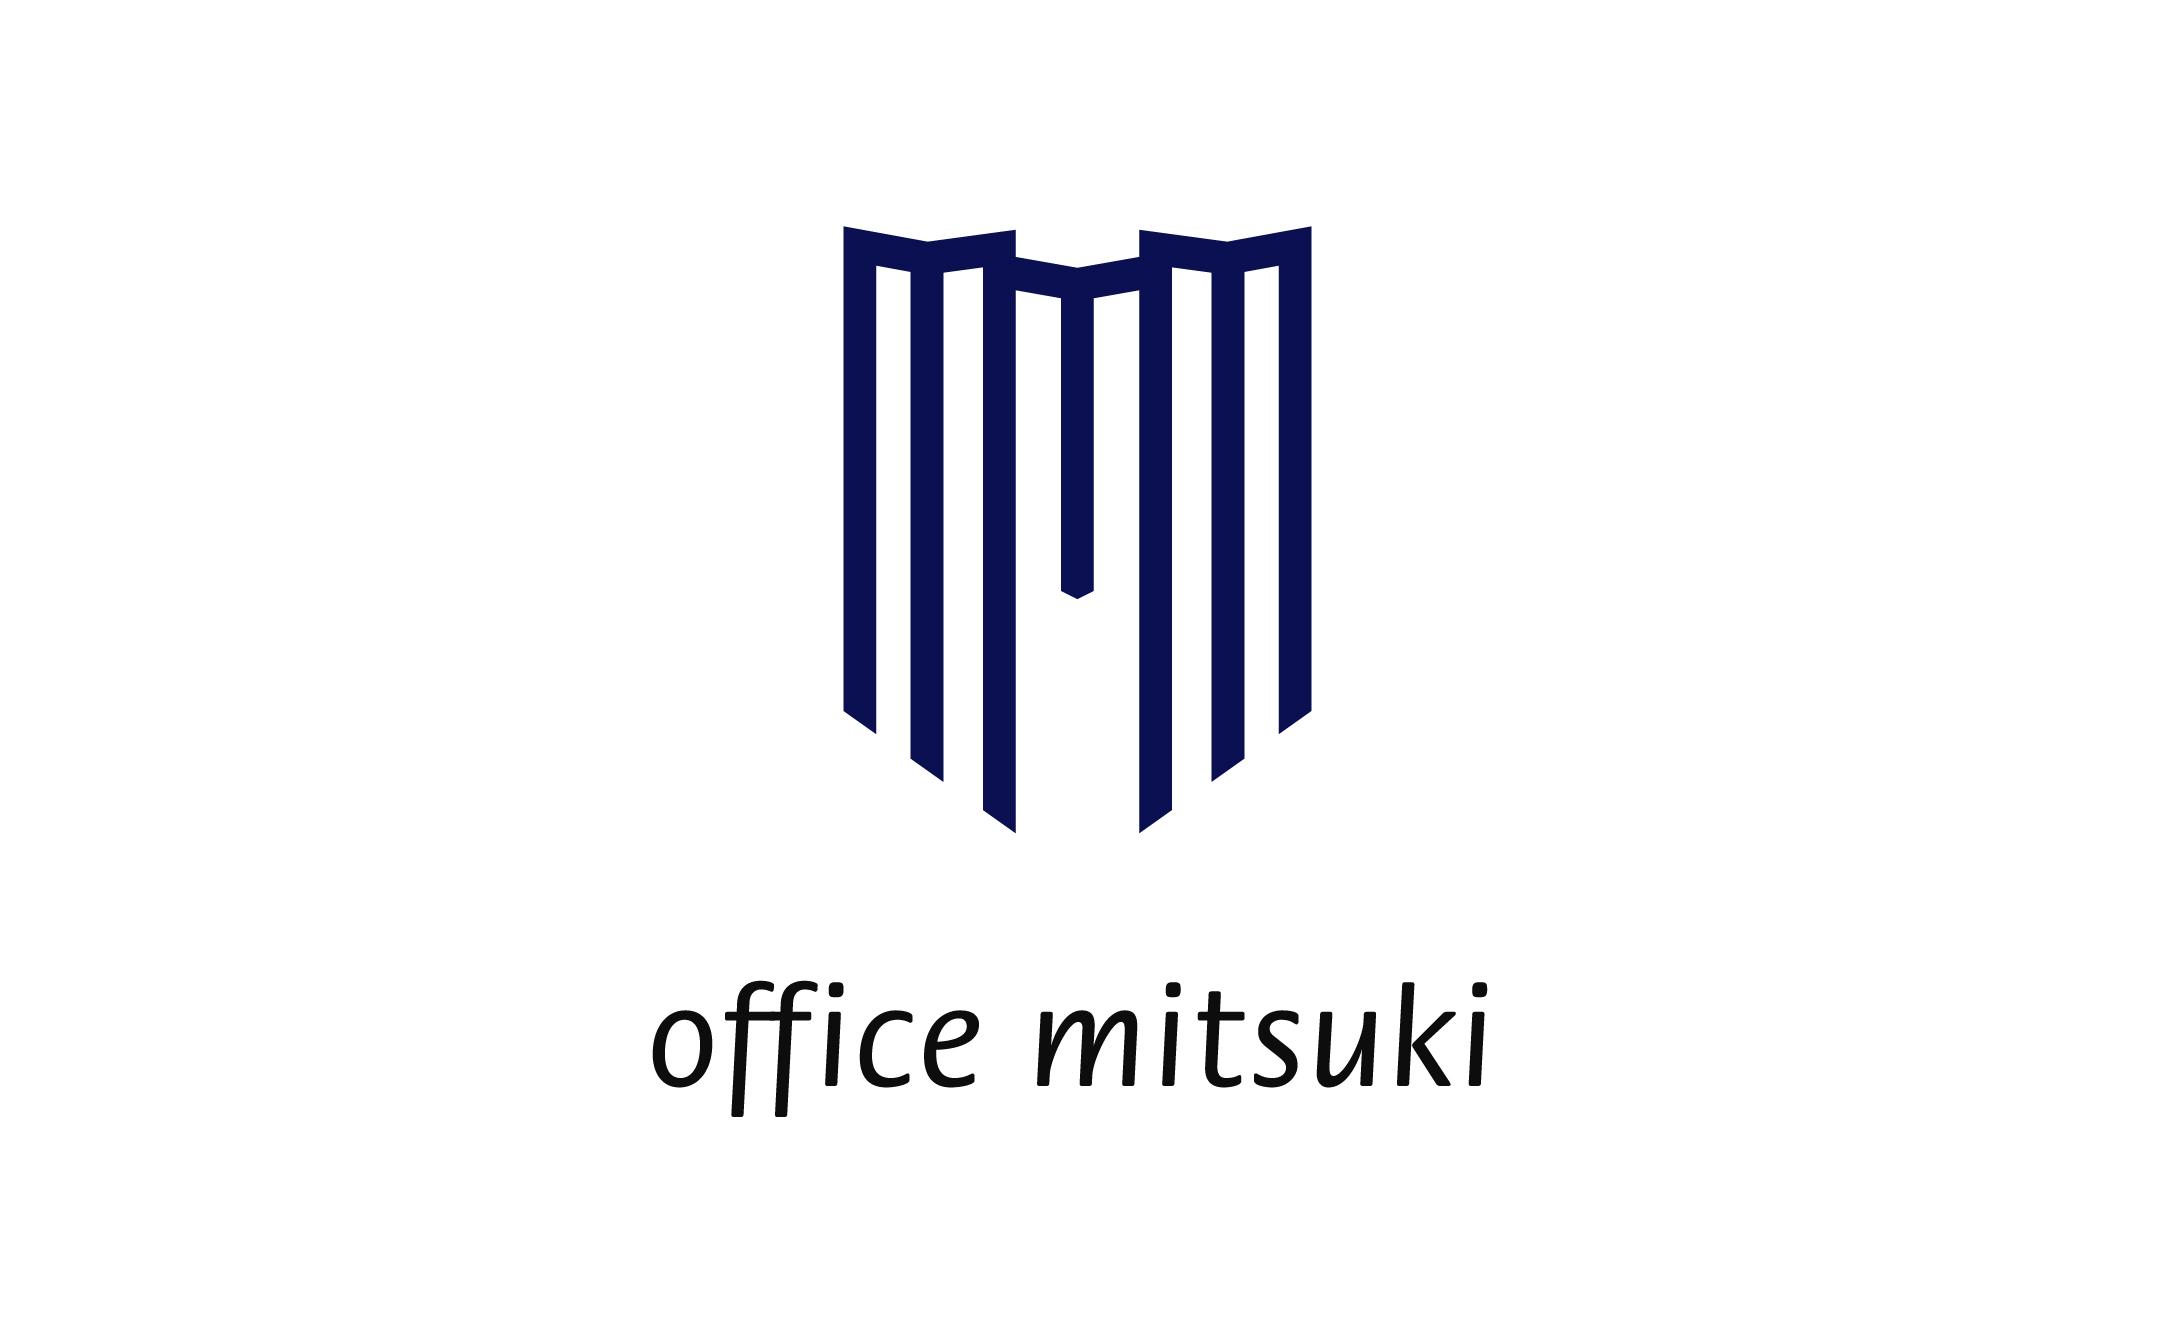 原宿・表参道・青山エリアの不動産 オフィス・ミツキ ロゴ制作